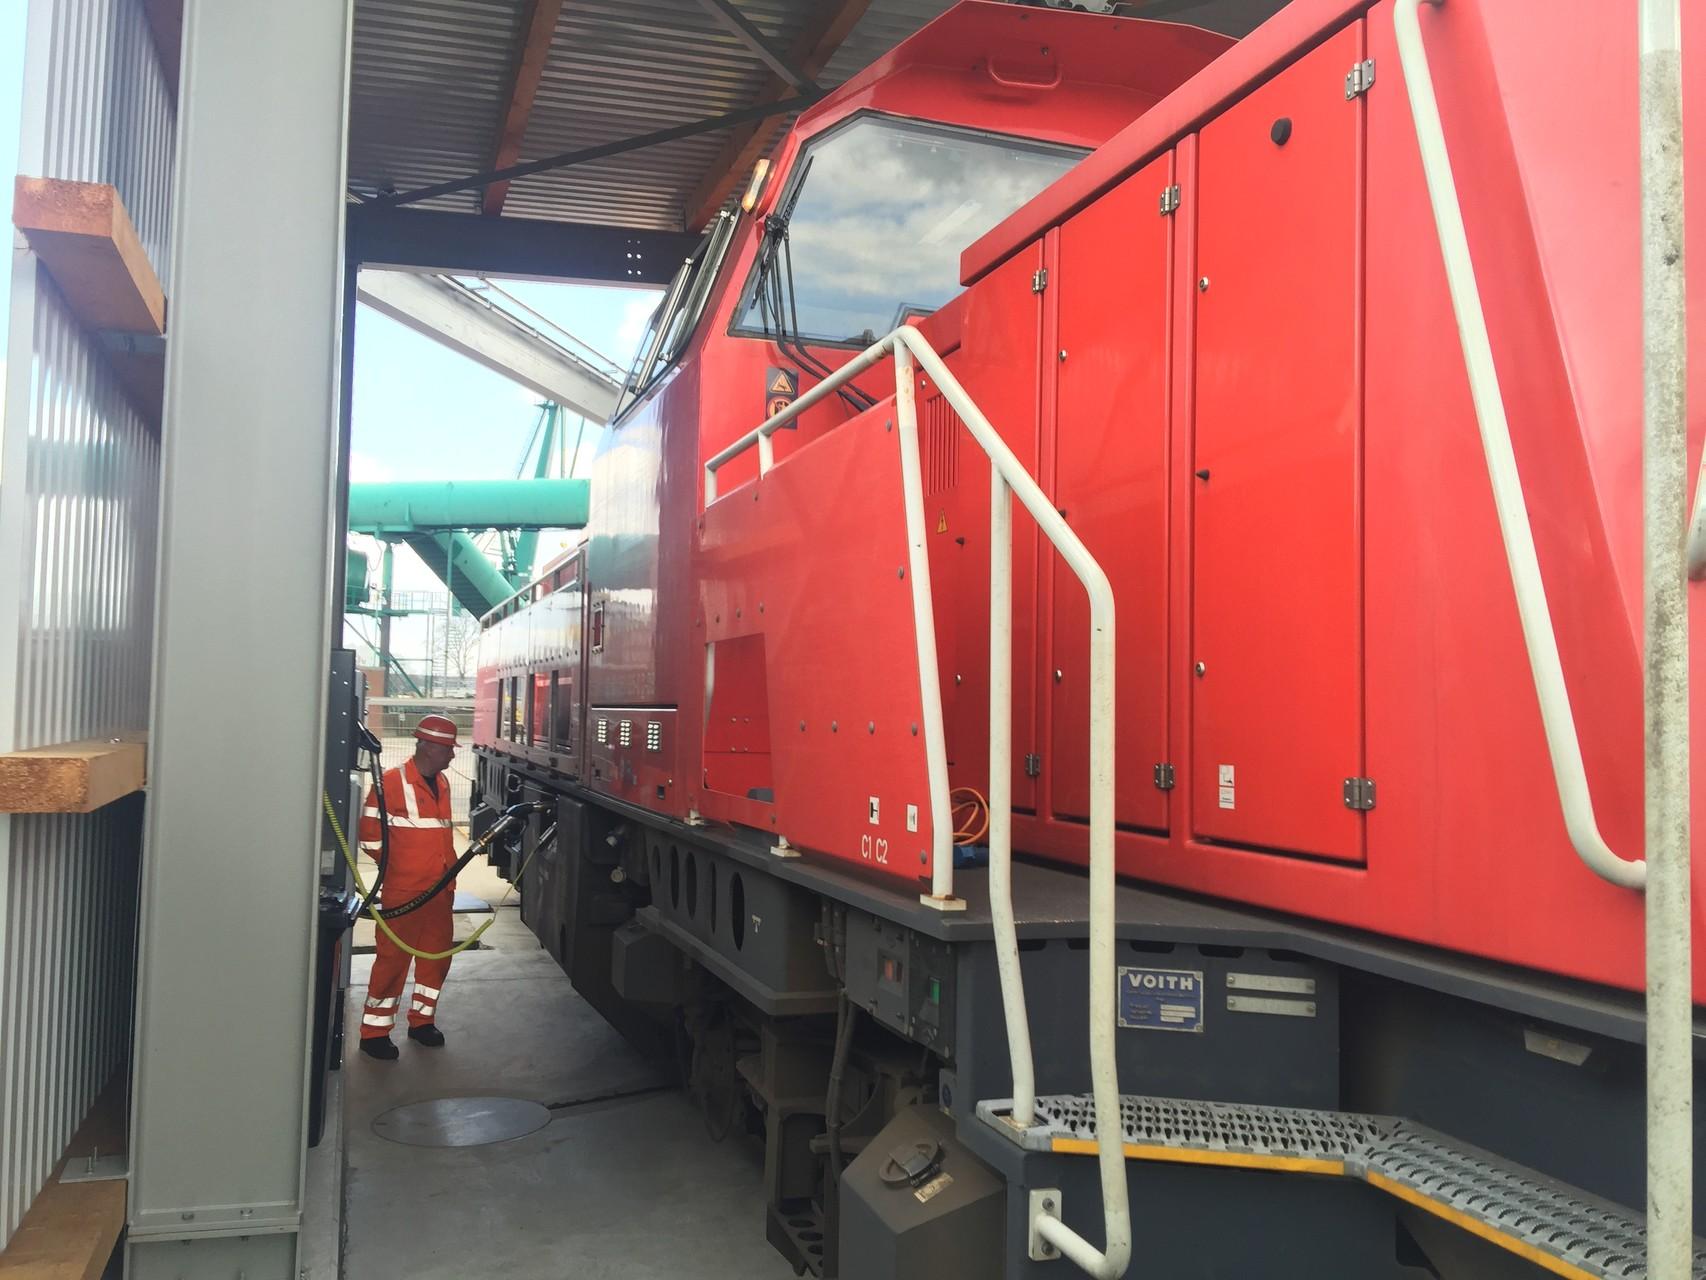 Lok-tankstelle im Hafen Hamburg